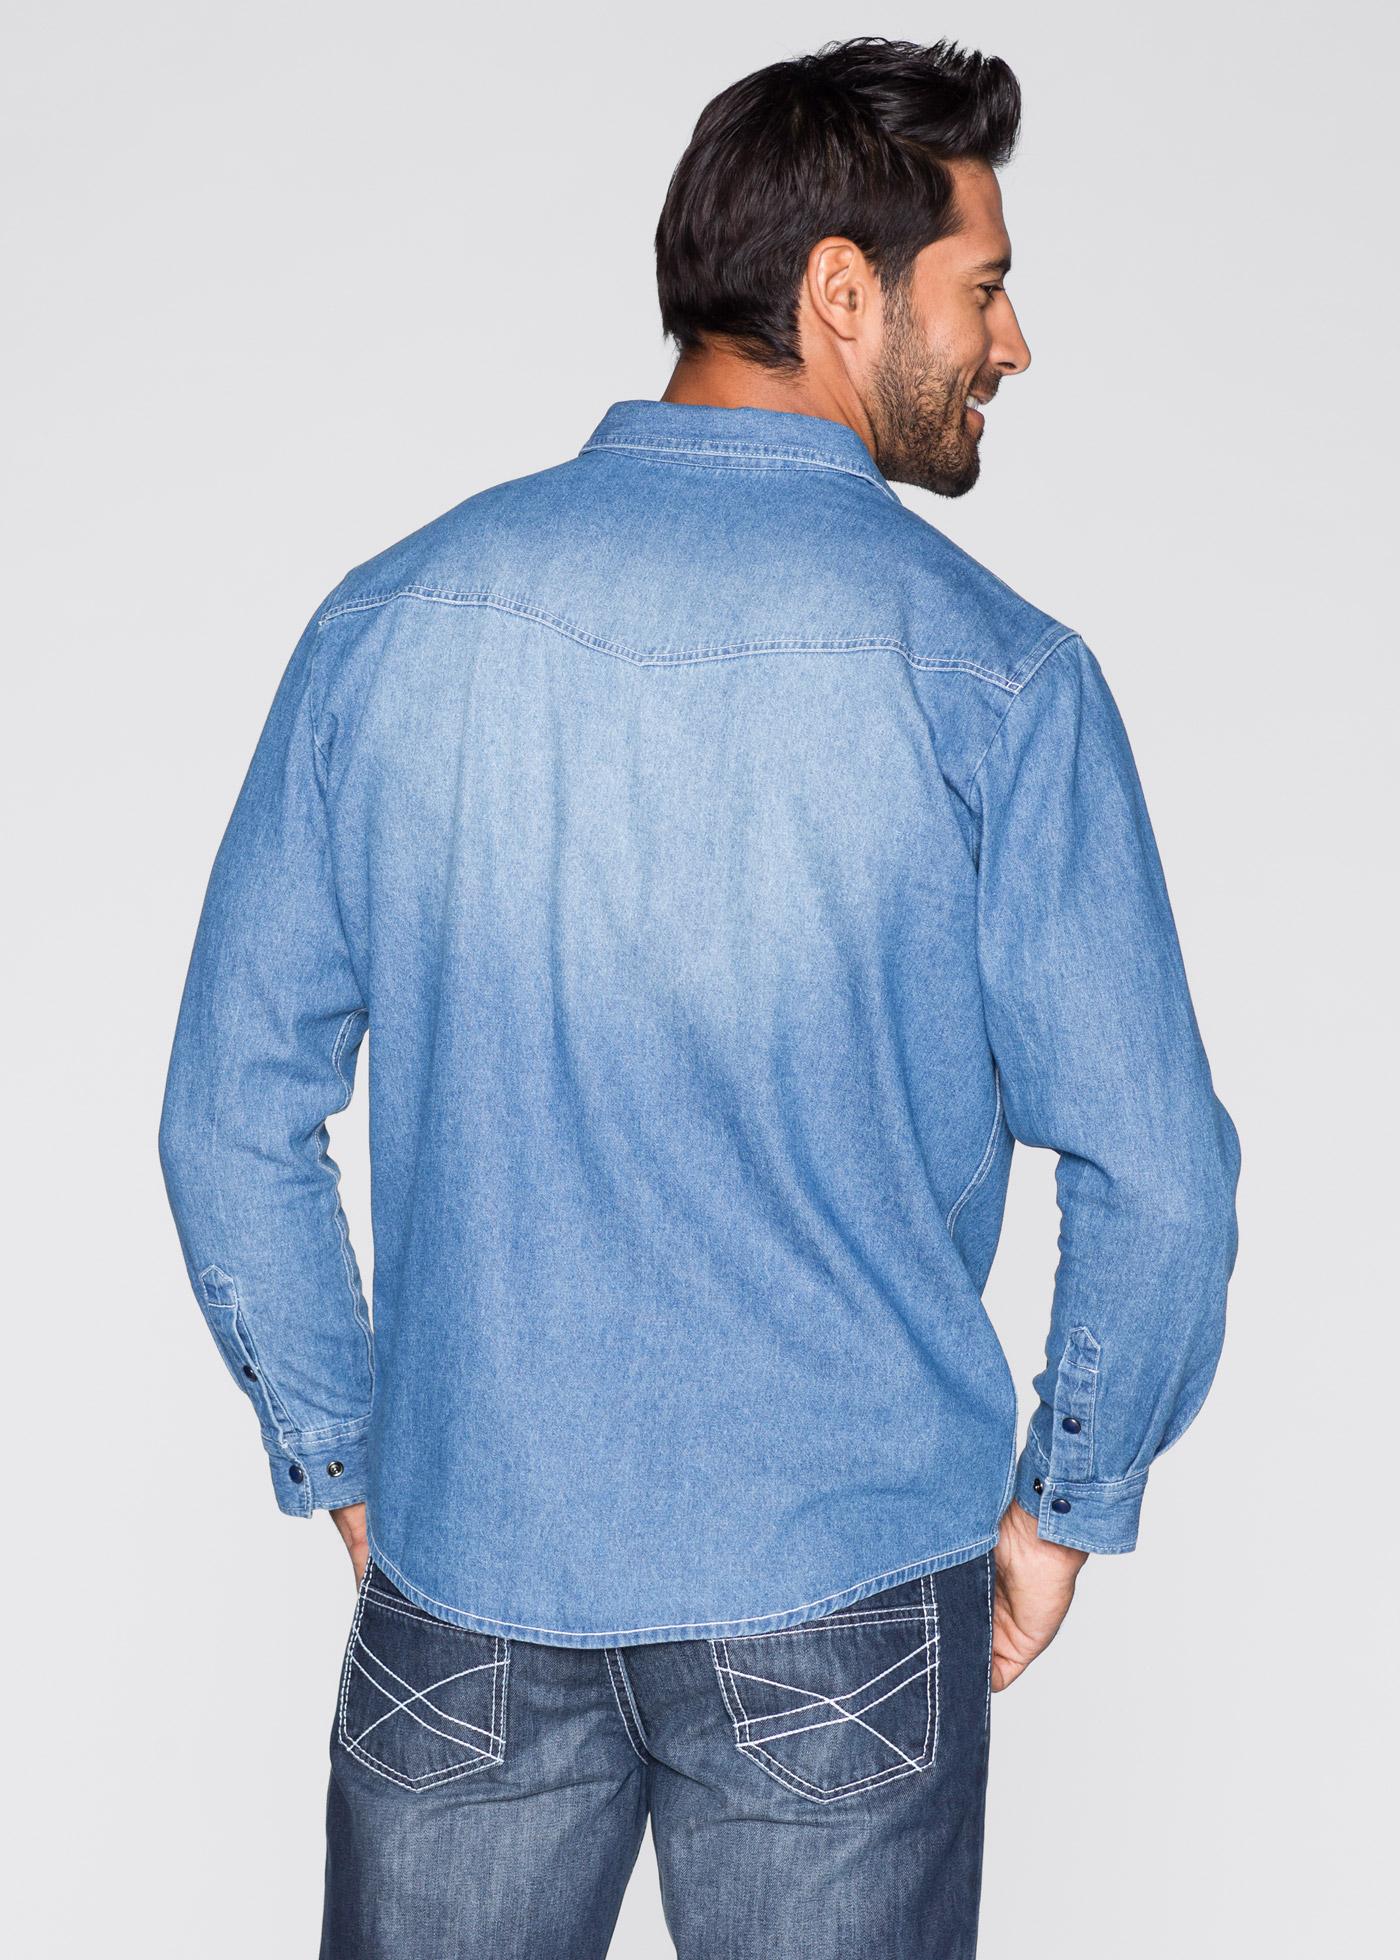 Jeansskjorta, normal passform, John Baner JEANSWEAR, blue bleached used